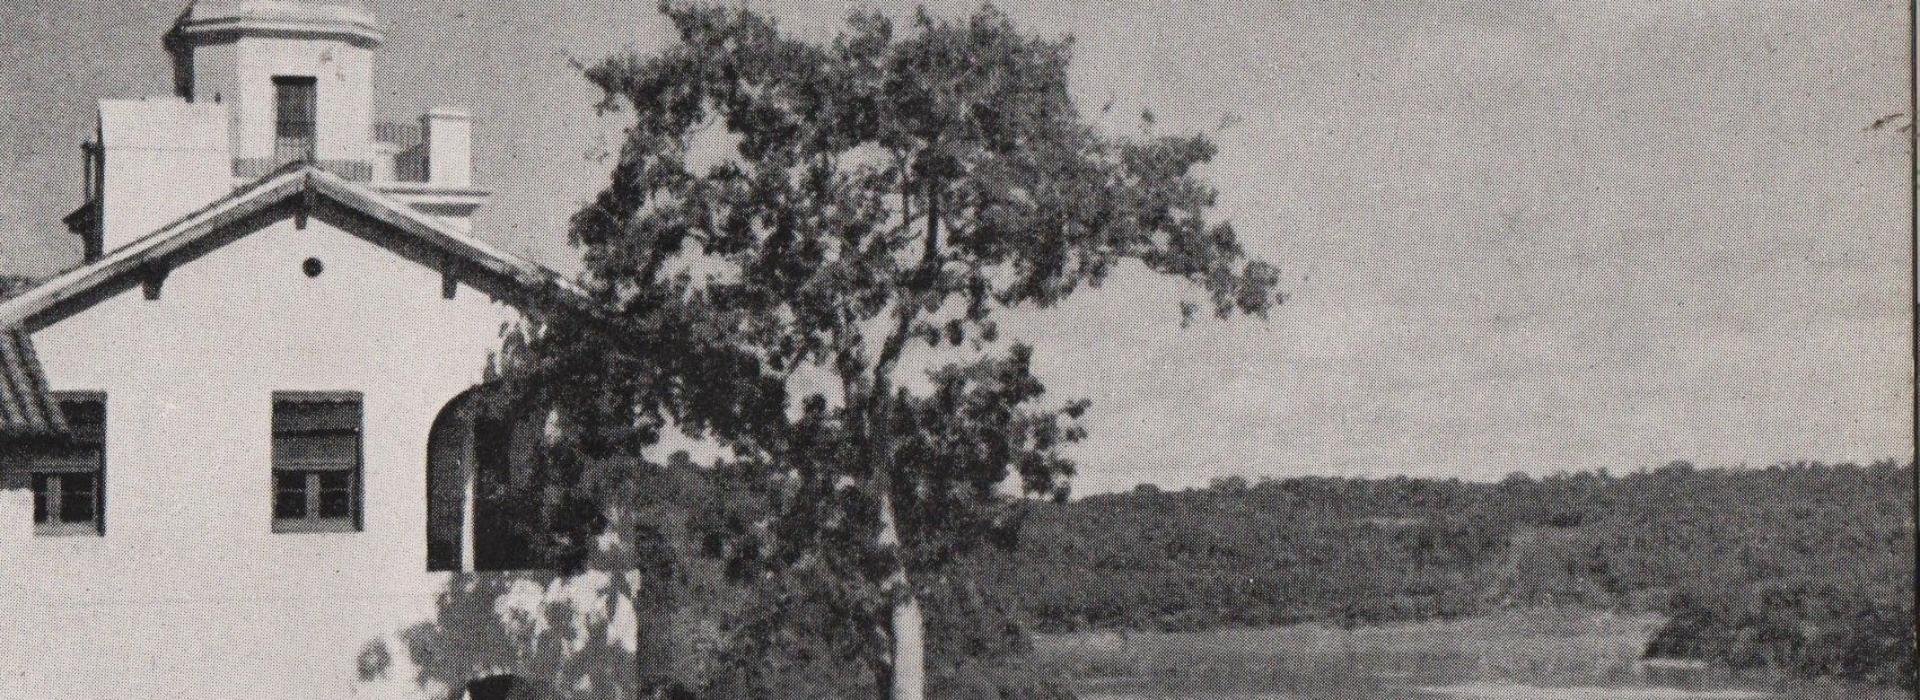 parque foto de publicidad1950